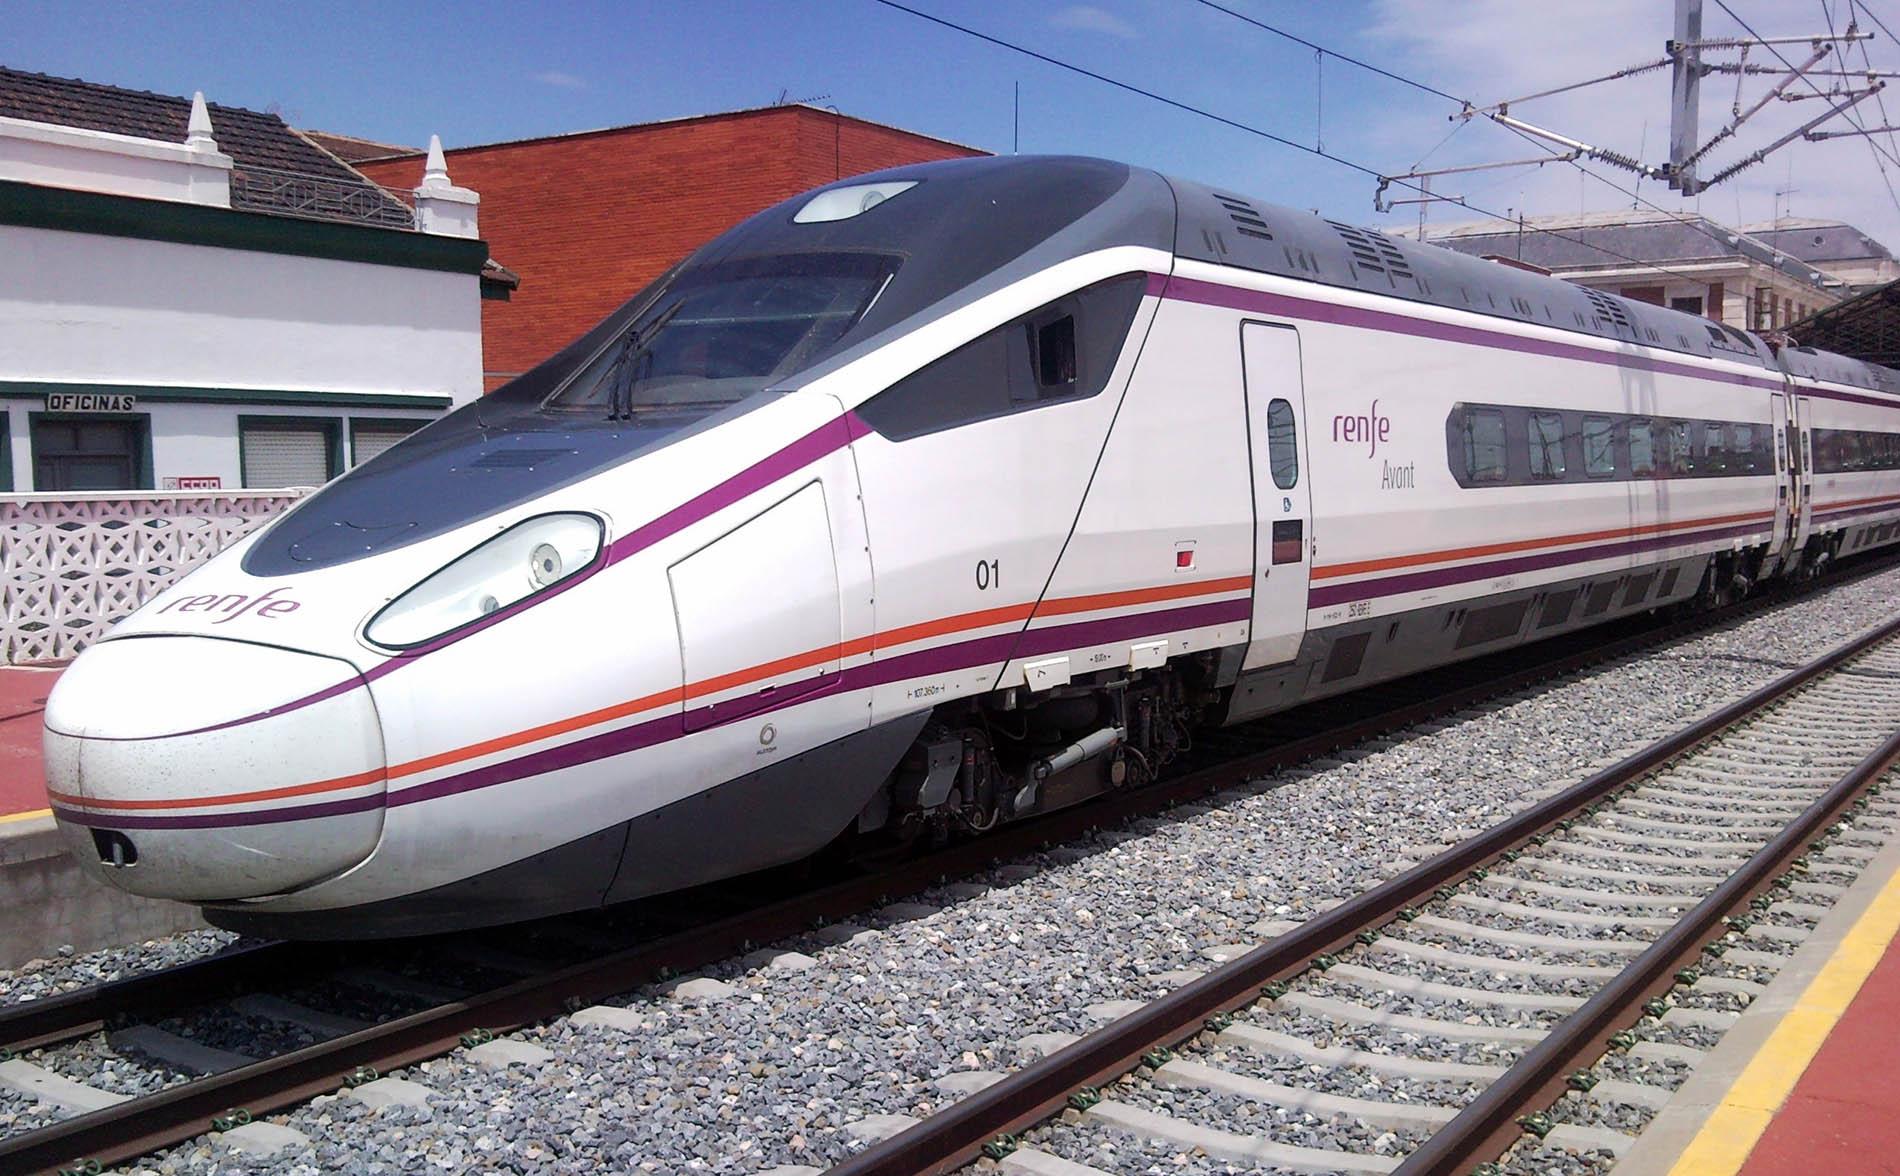 Serie_114_de_Renfe_en_Valladolid-Campo_Grande